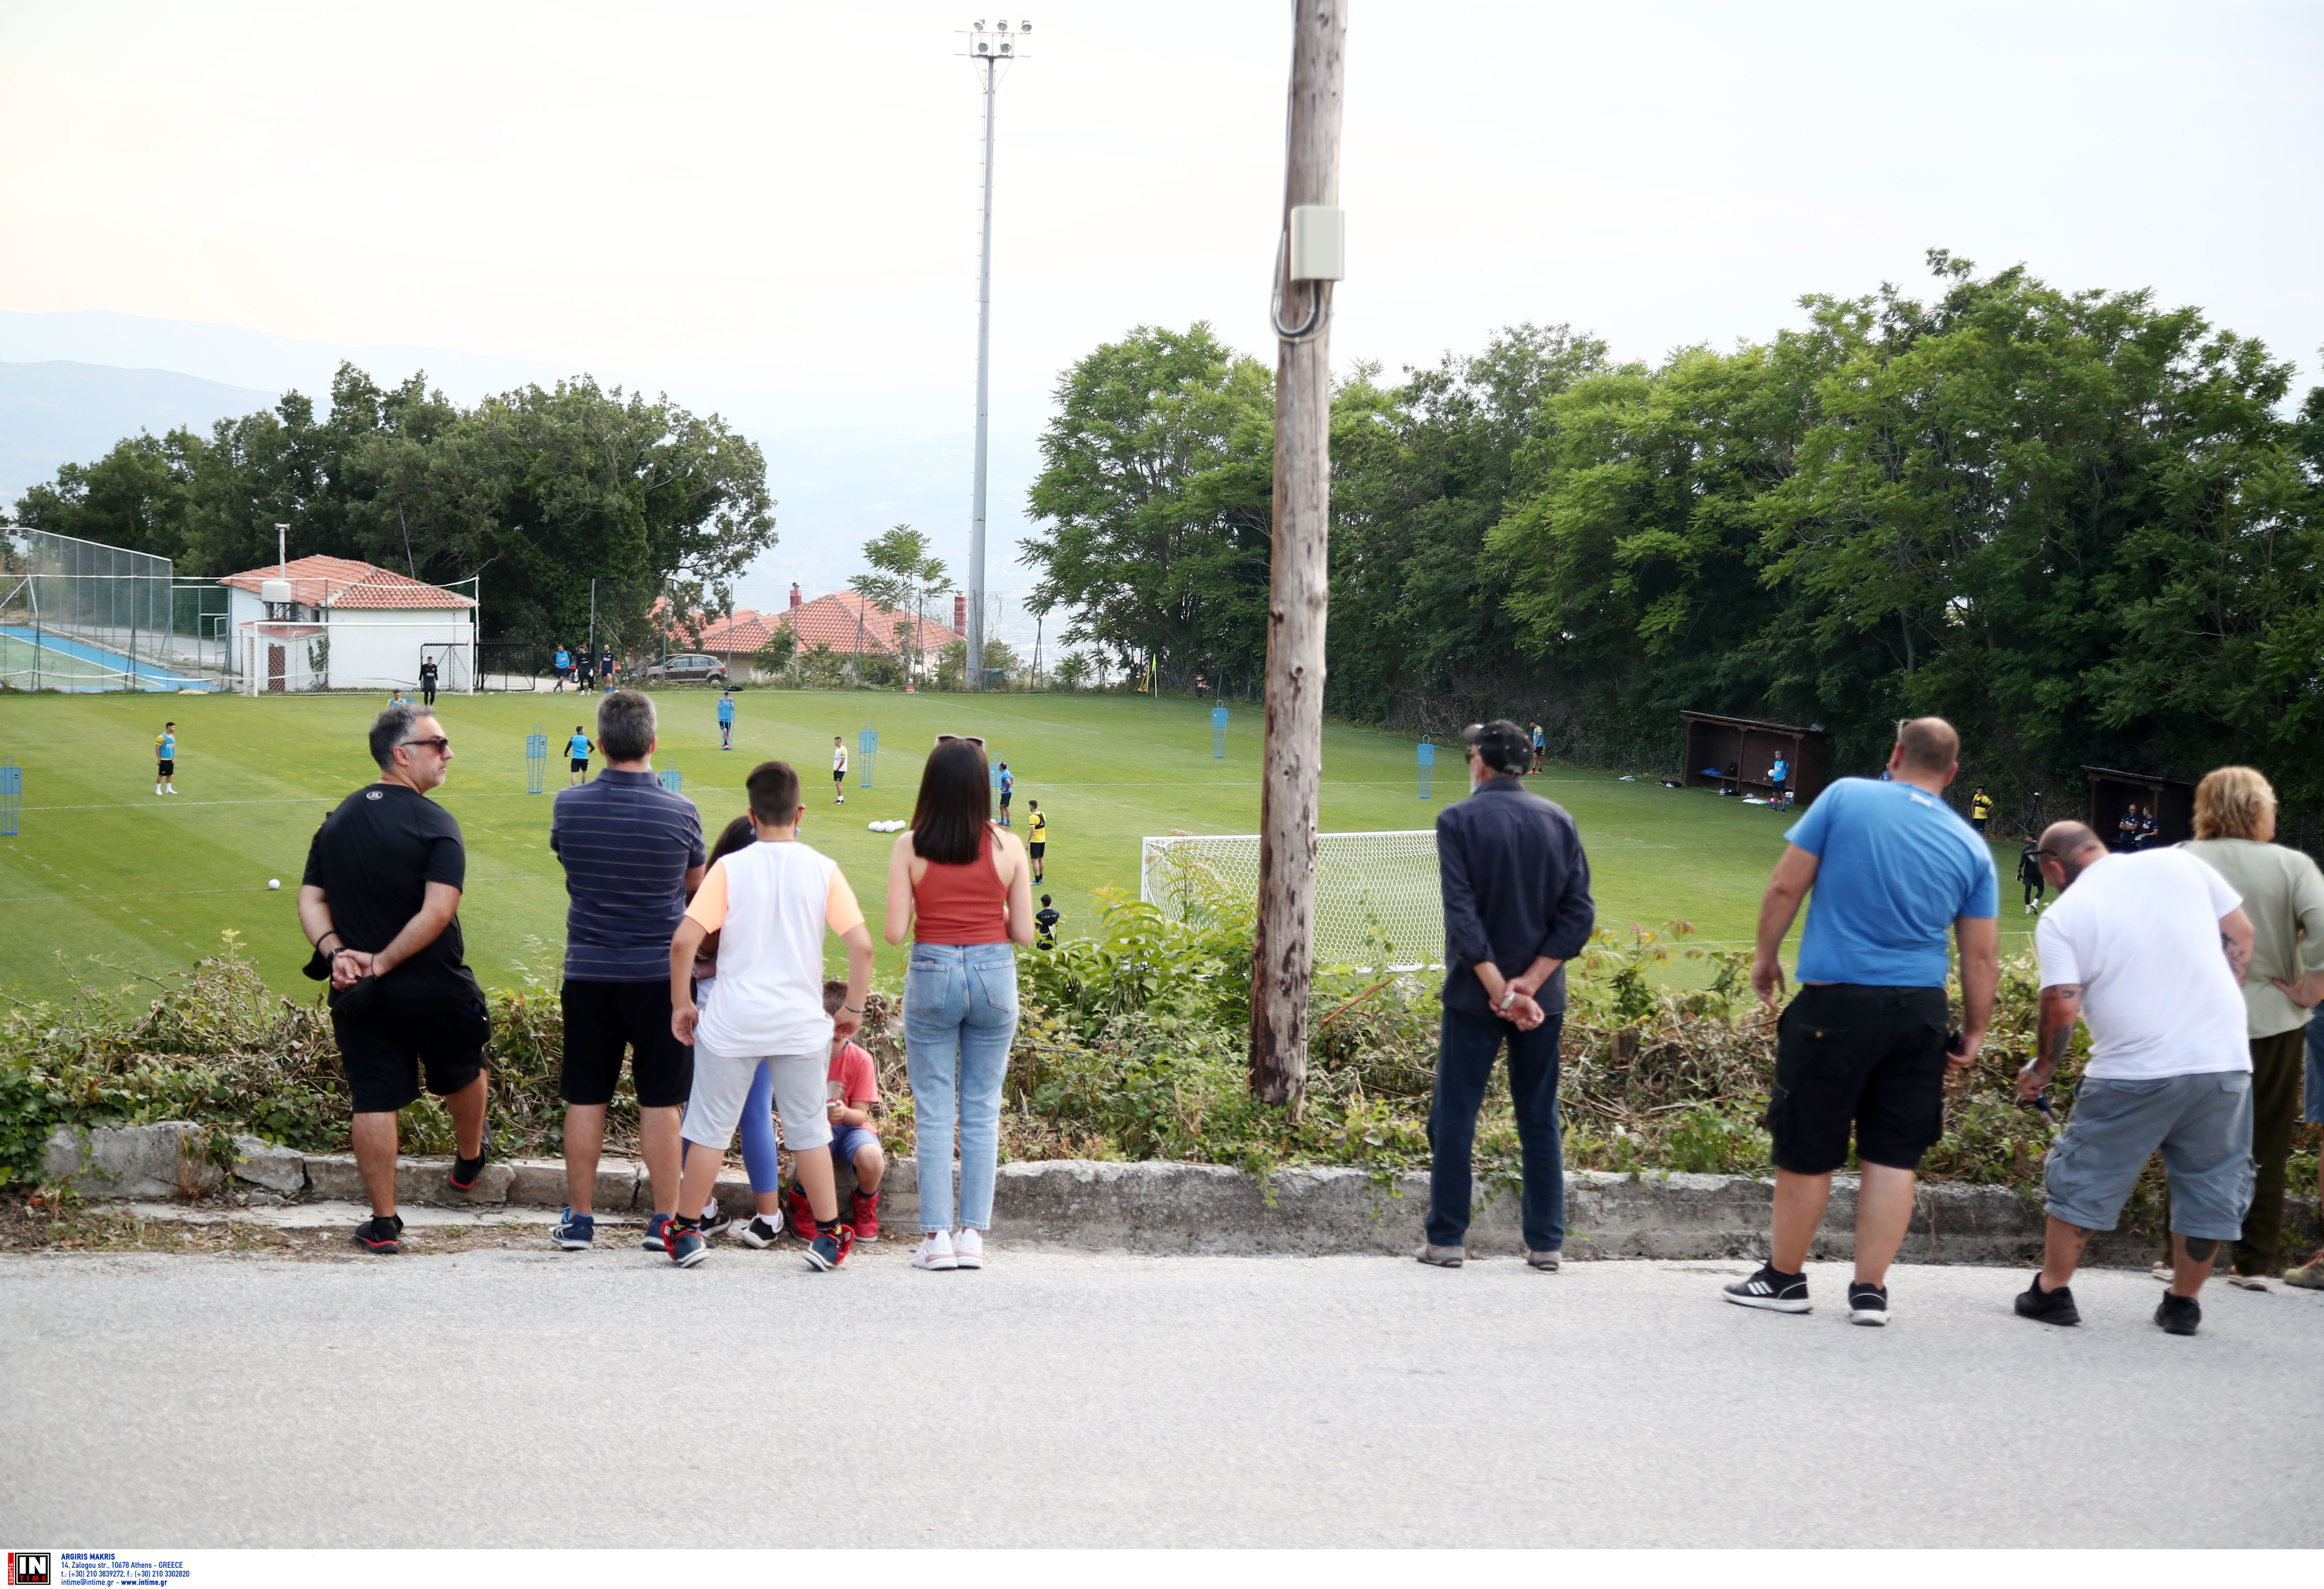 Εικόνες από την απογευματινή προπόνηση της ΑΕΚ στην Πορταριά: 3η ημέρα